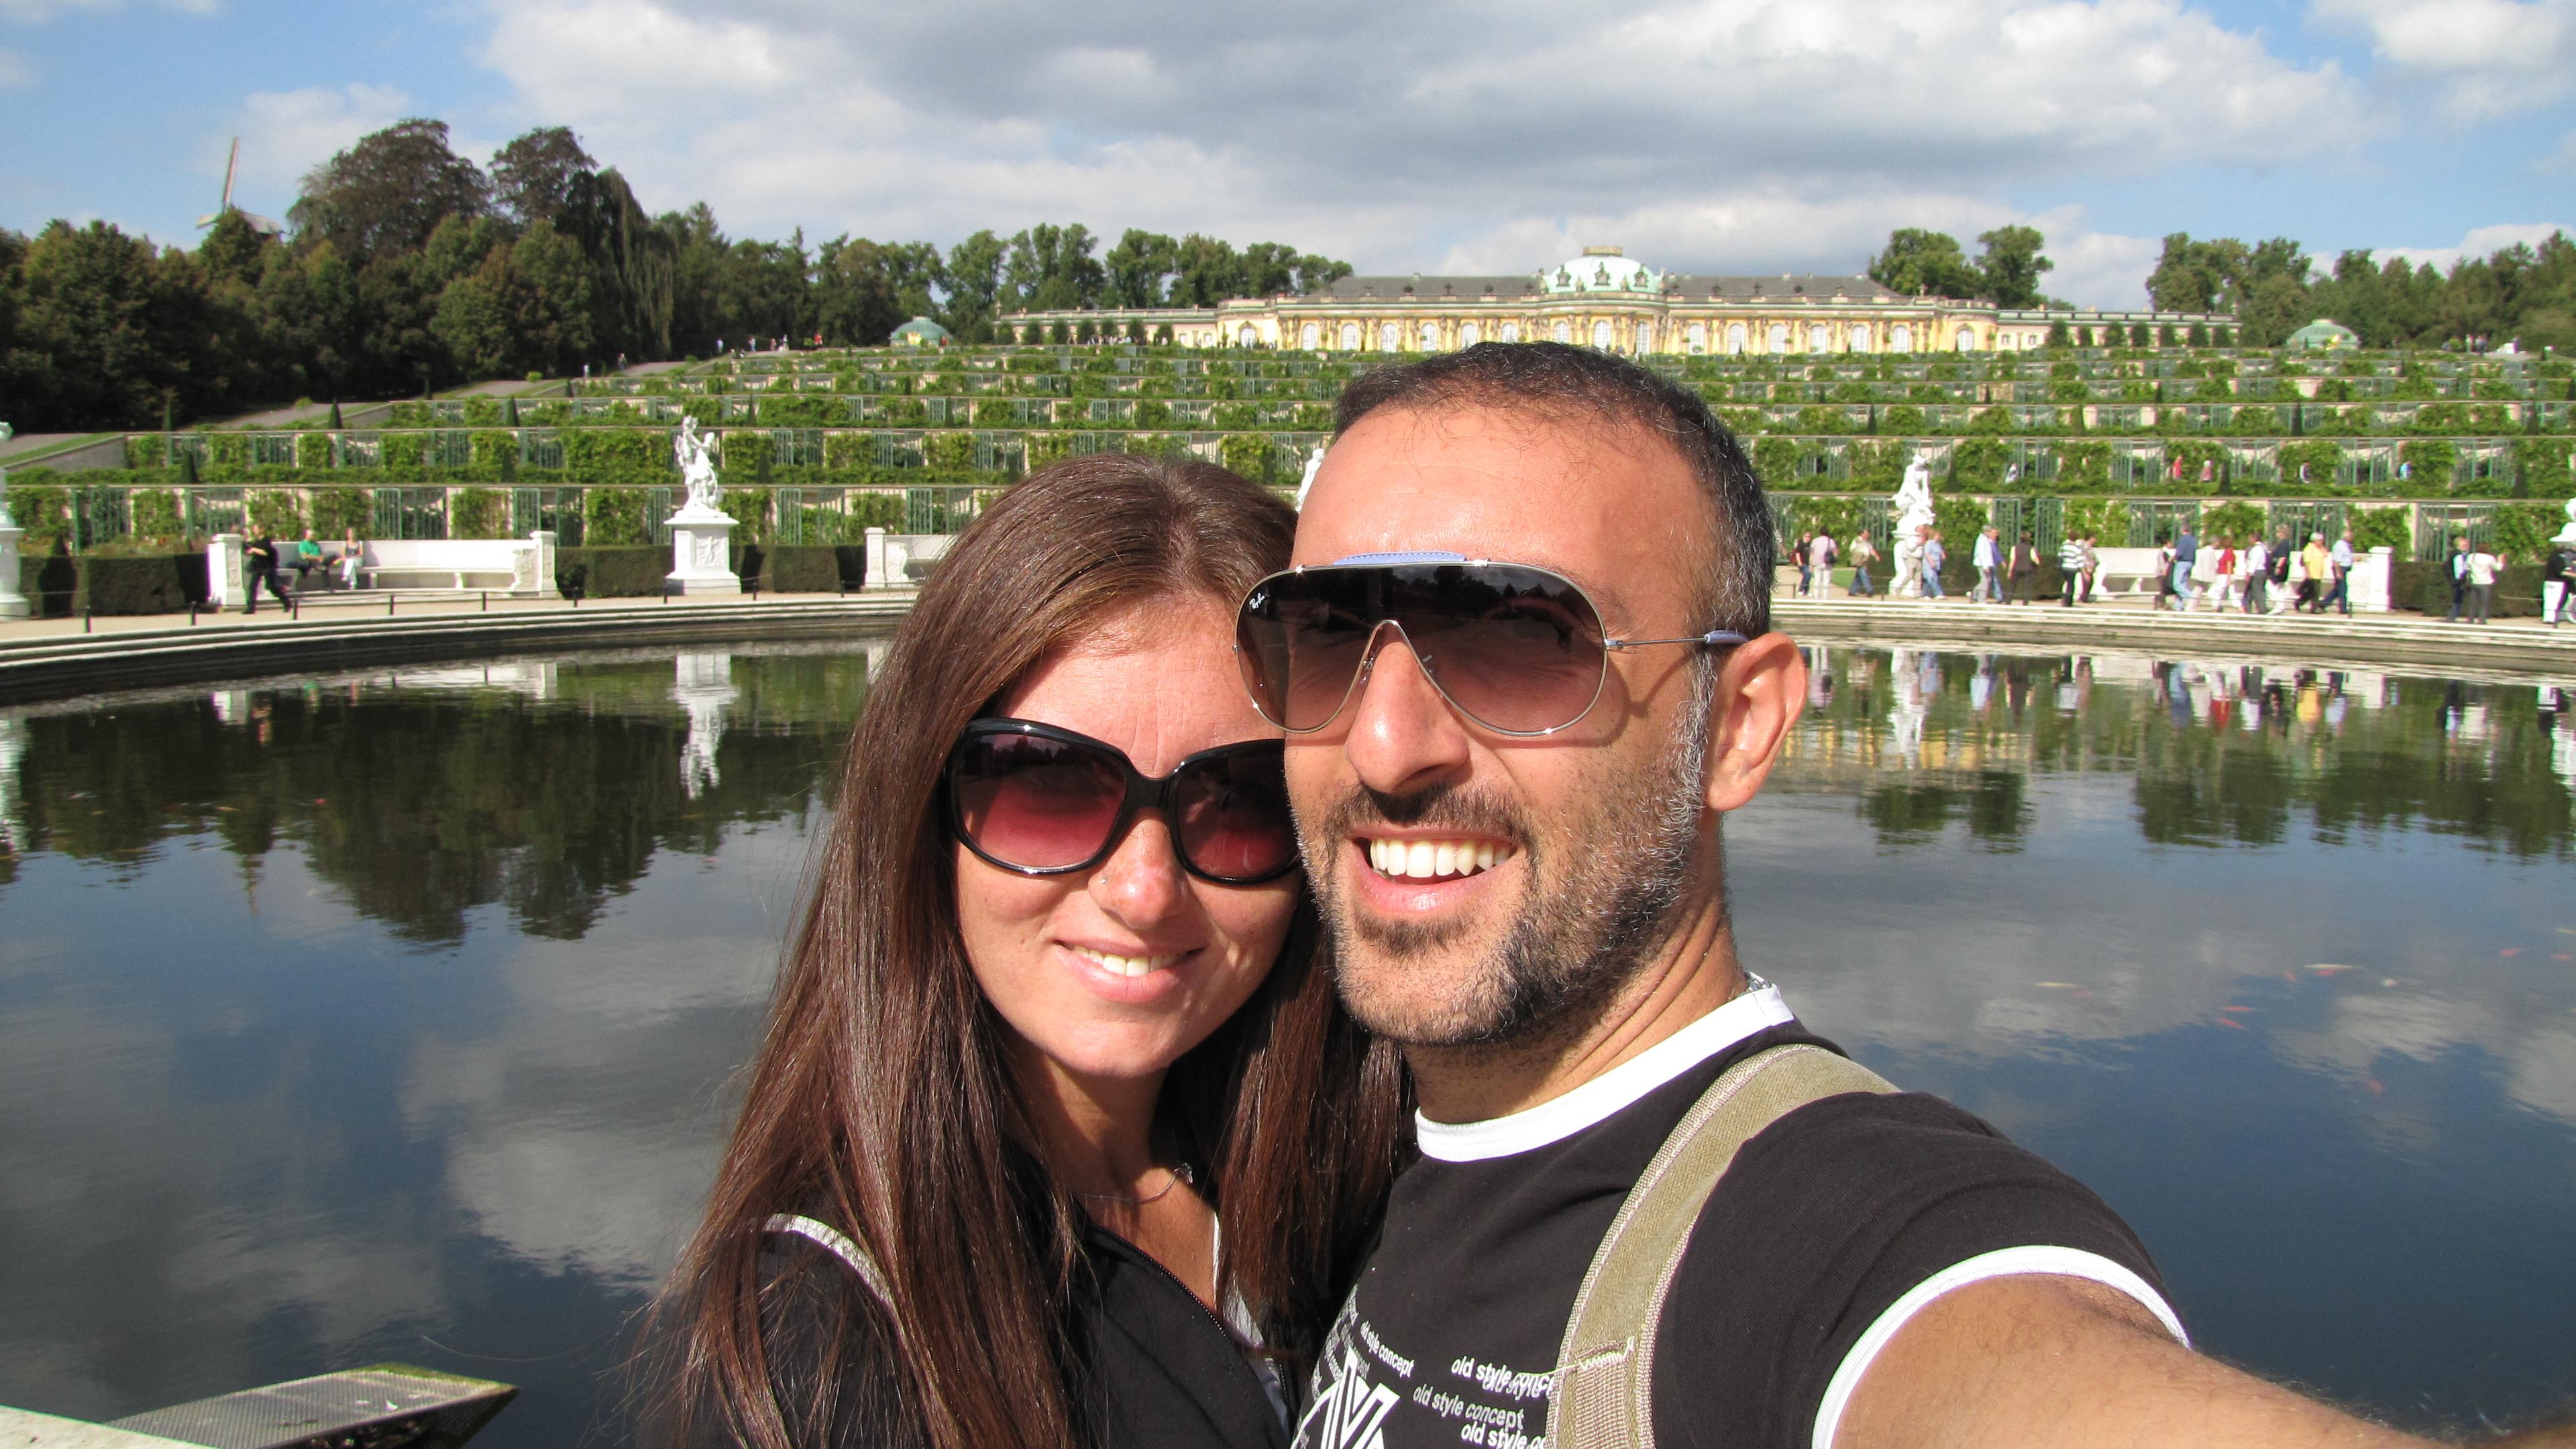 Schloss_Sanssouci_giardini